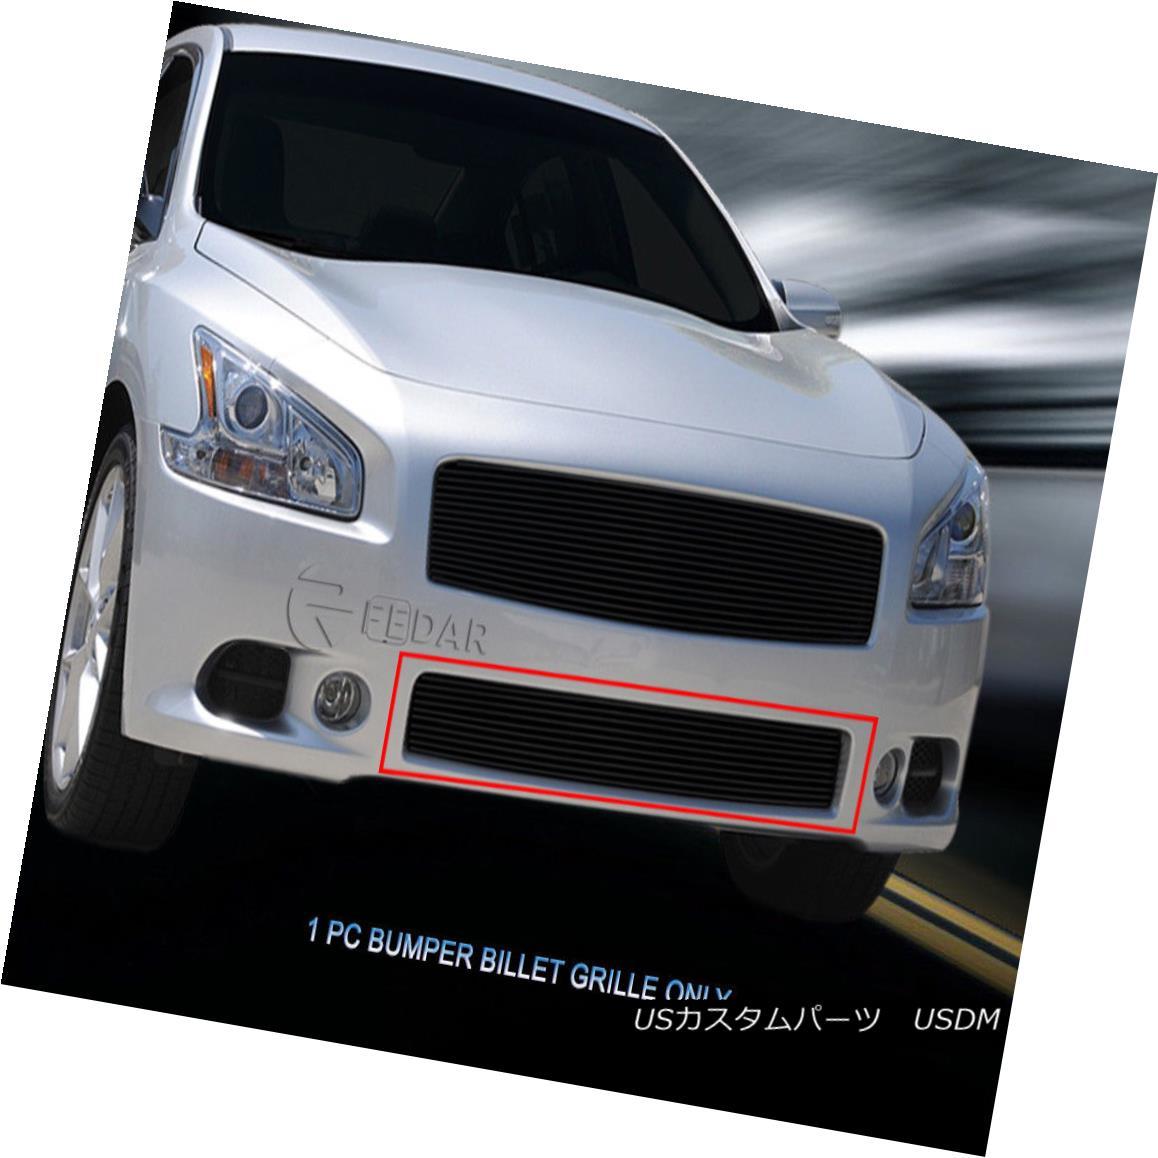 グリル Fits 2009-2014 Nissan Maxima Black Bumper Billet Grille Insert Fedar フィット2009-2014日産マキシマブラックバンパービレットグリルインサートFedar